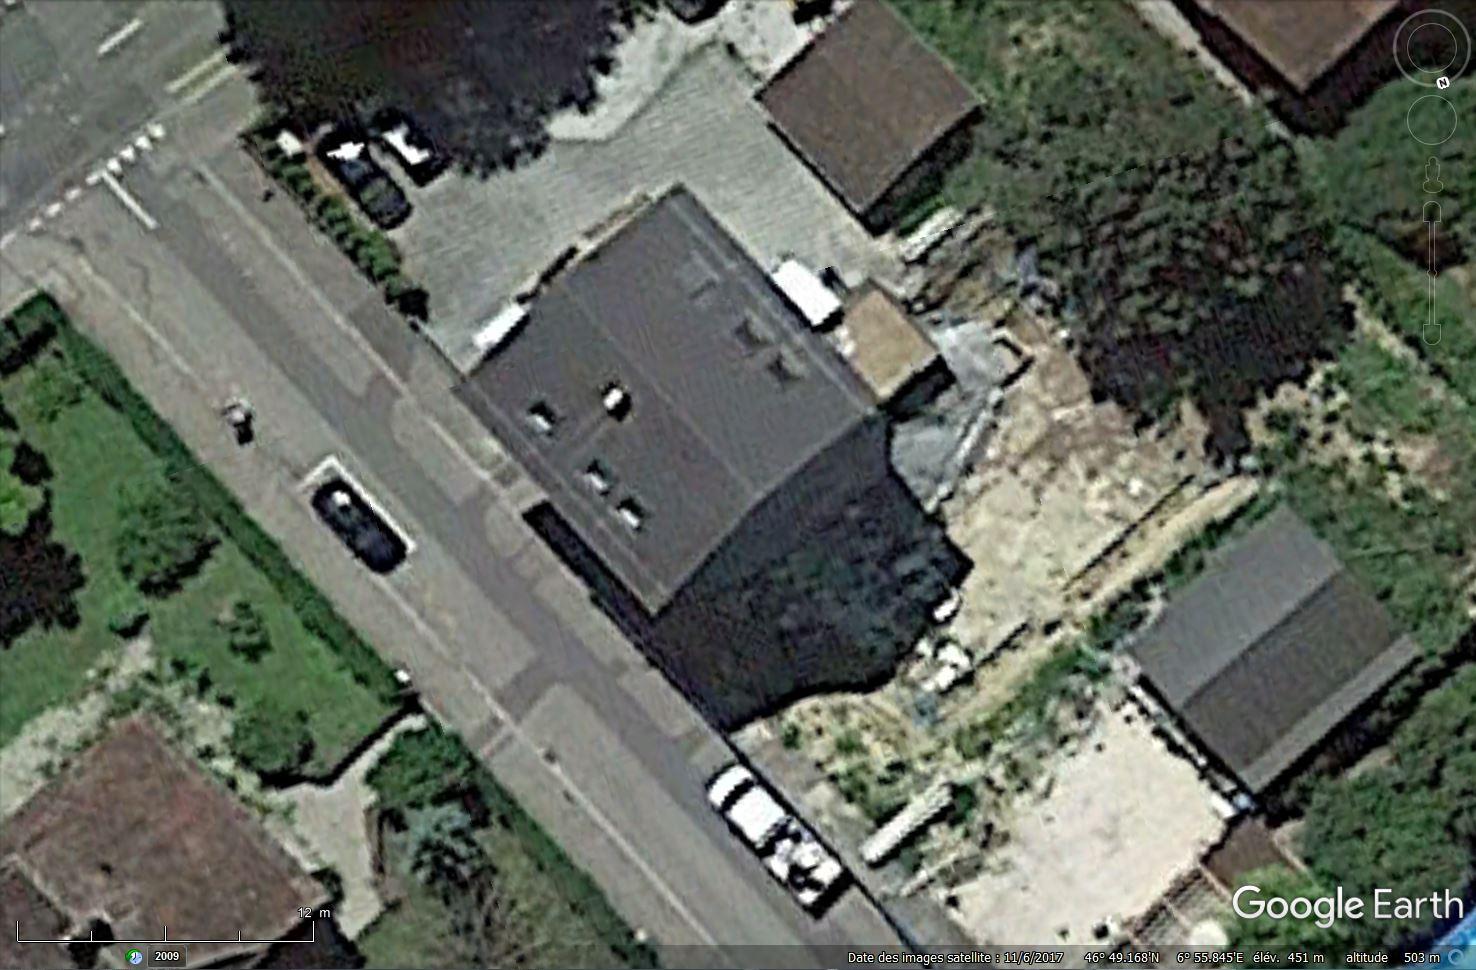 [Désormais visible sur Google Earth] Une maison s'écroule 4 Rue du Châtelet Payerne, Vaud Tsge_206